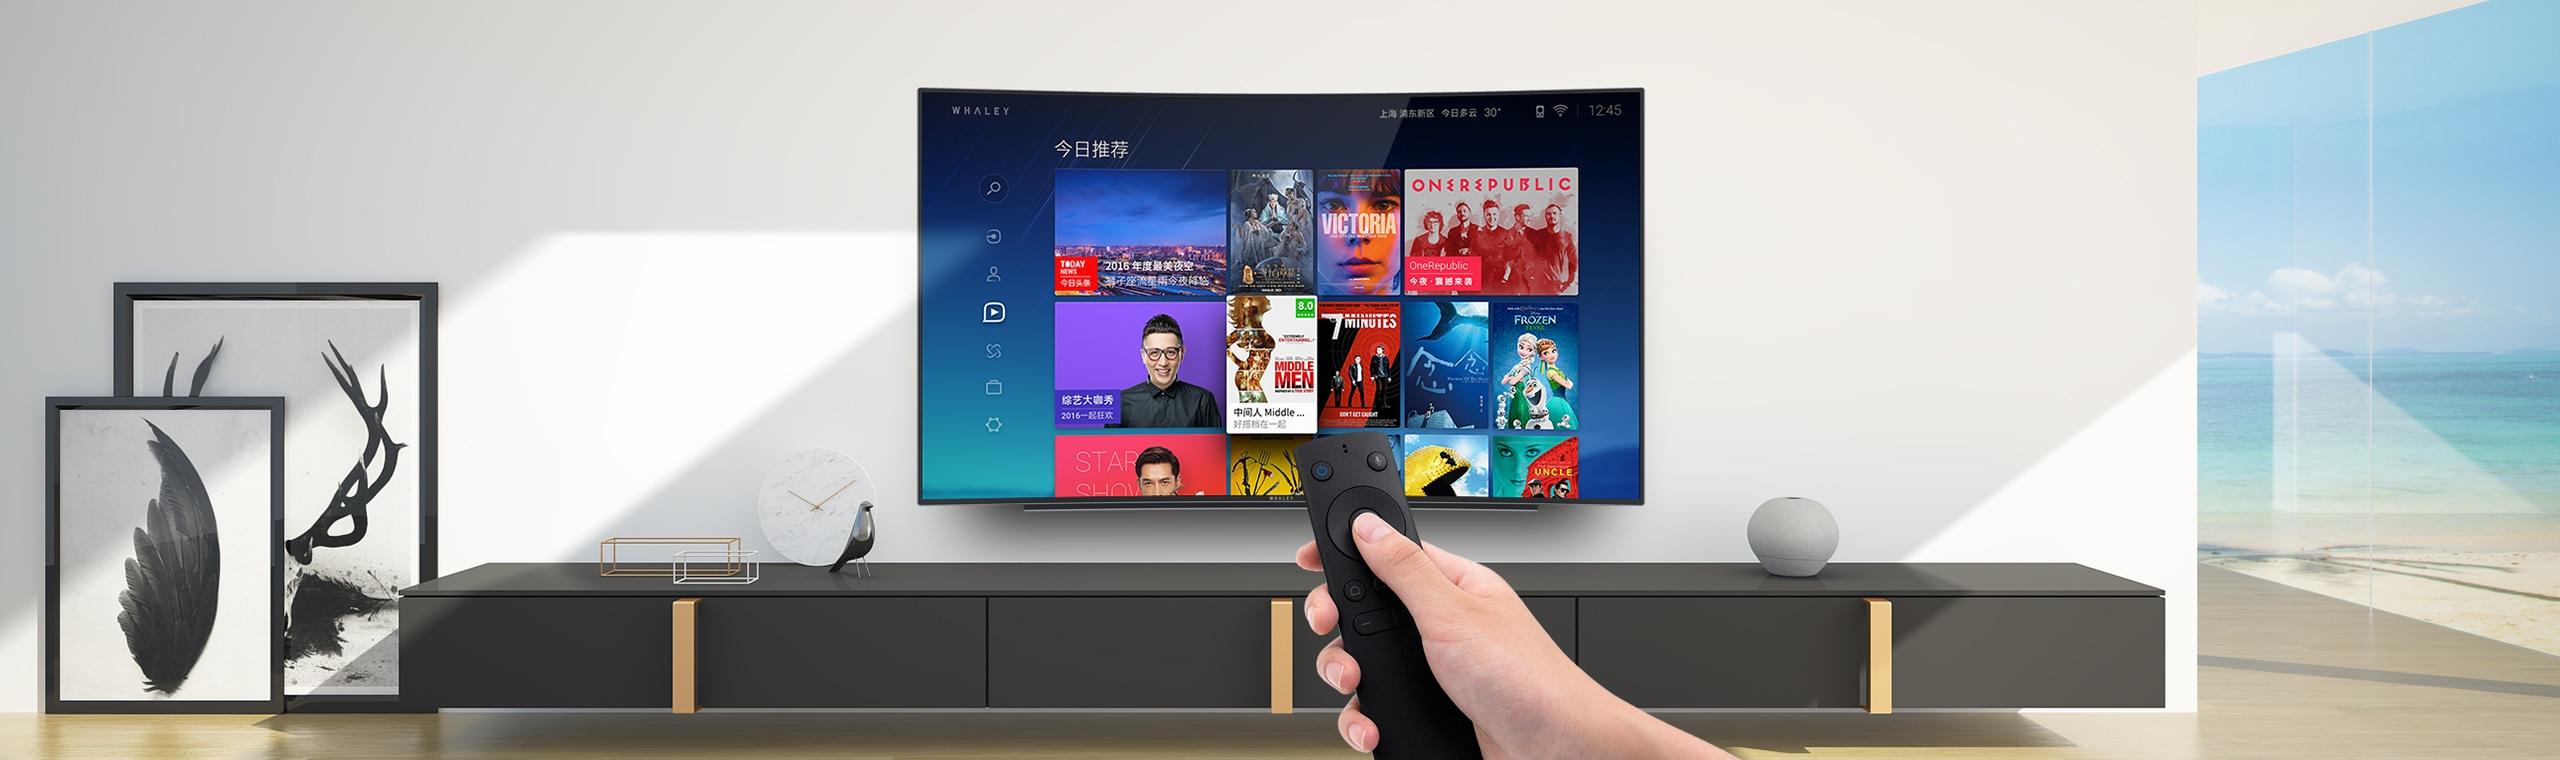 微鲸电视高性能语音控制功能